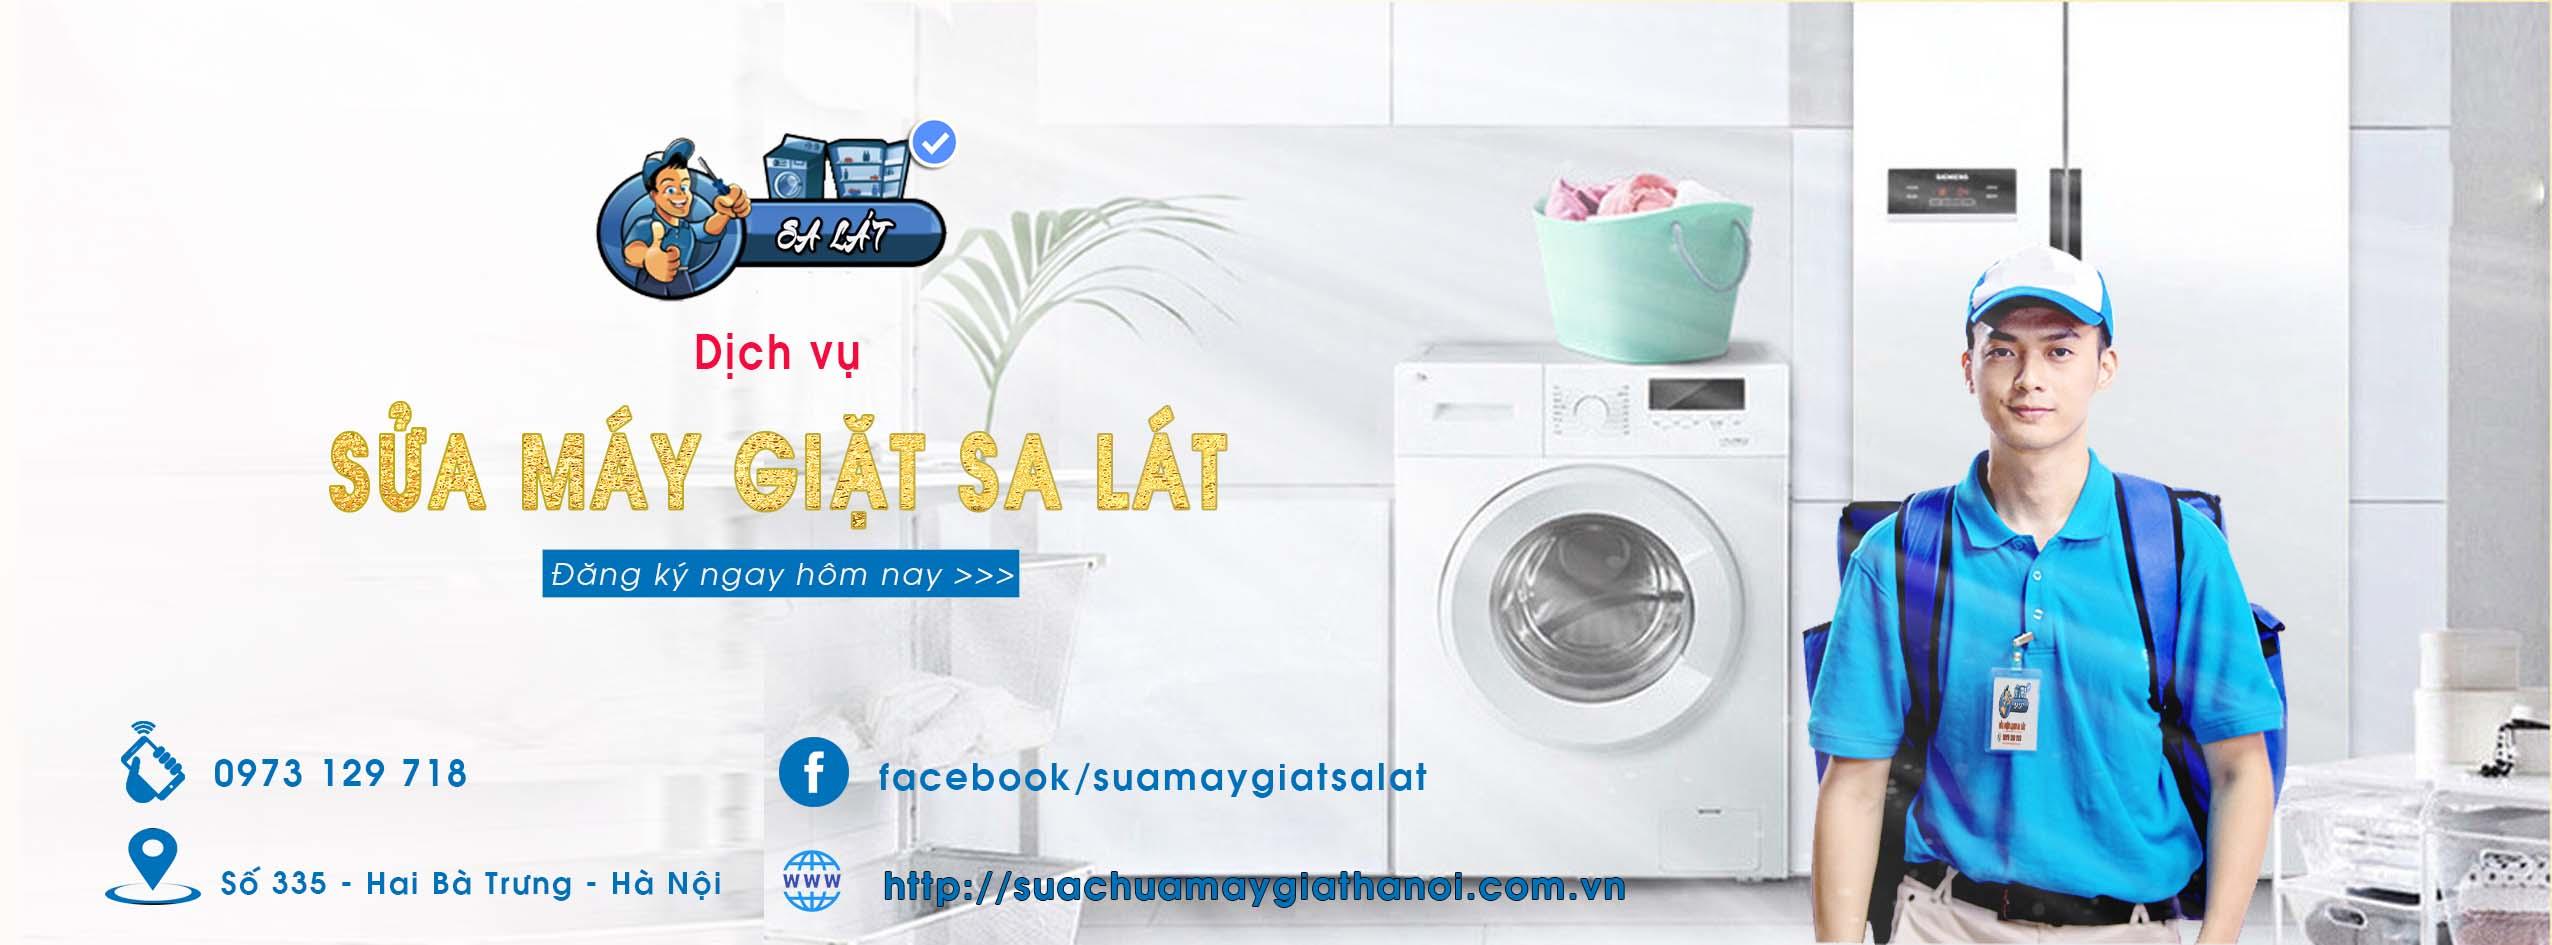 Thợ sửa máy giặt tại Hai Bà Trưng, Hà Nội